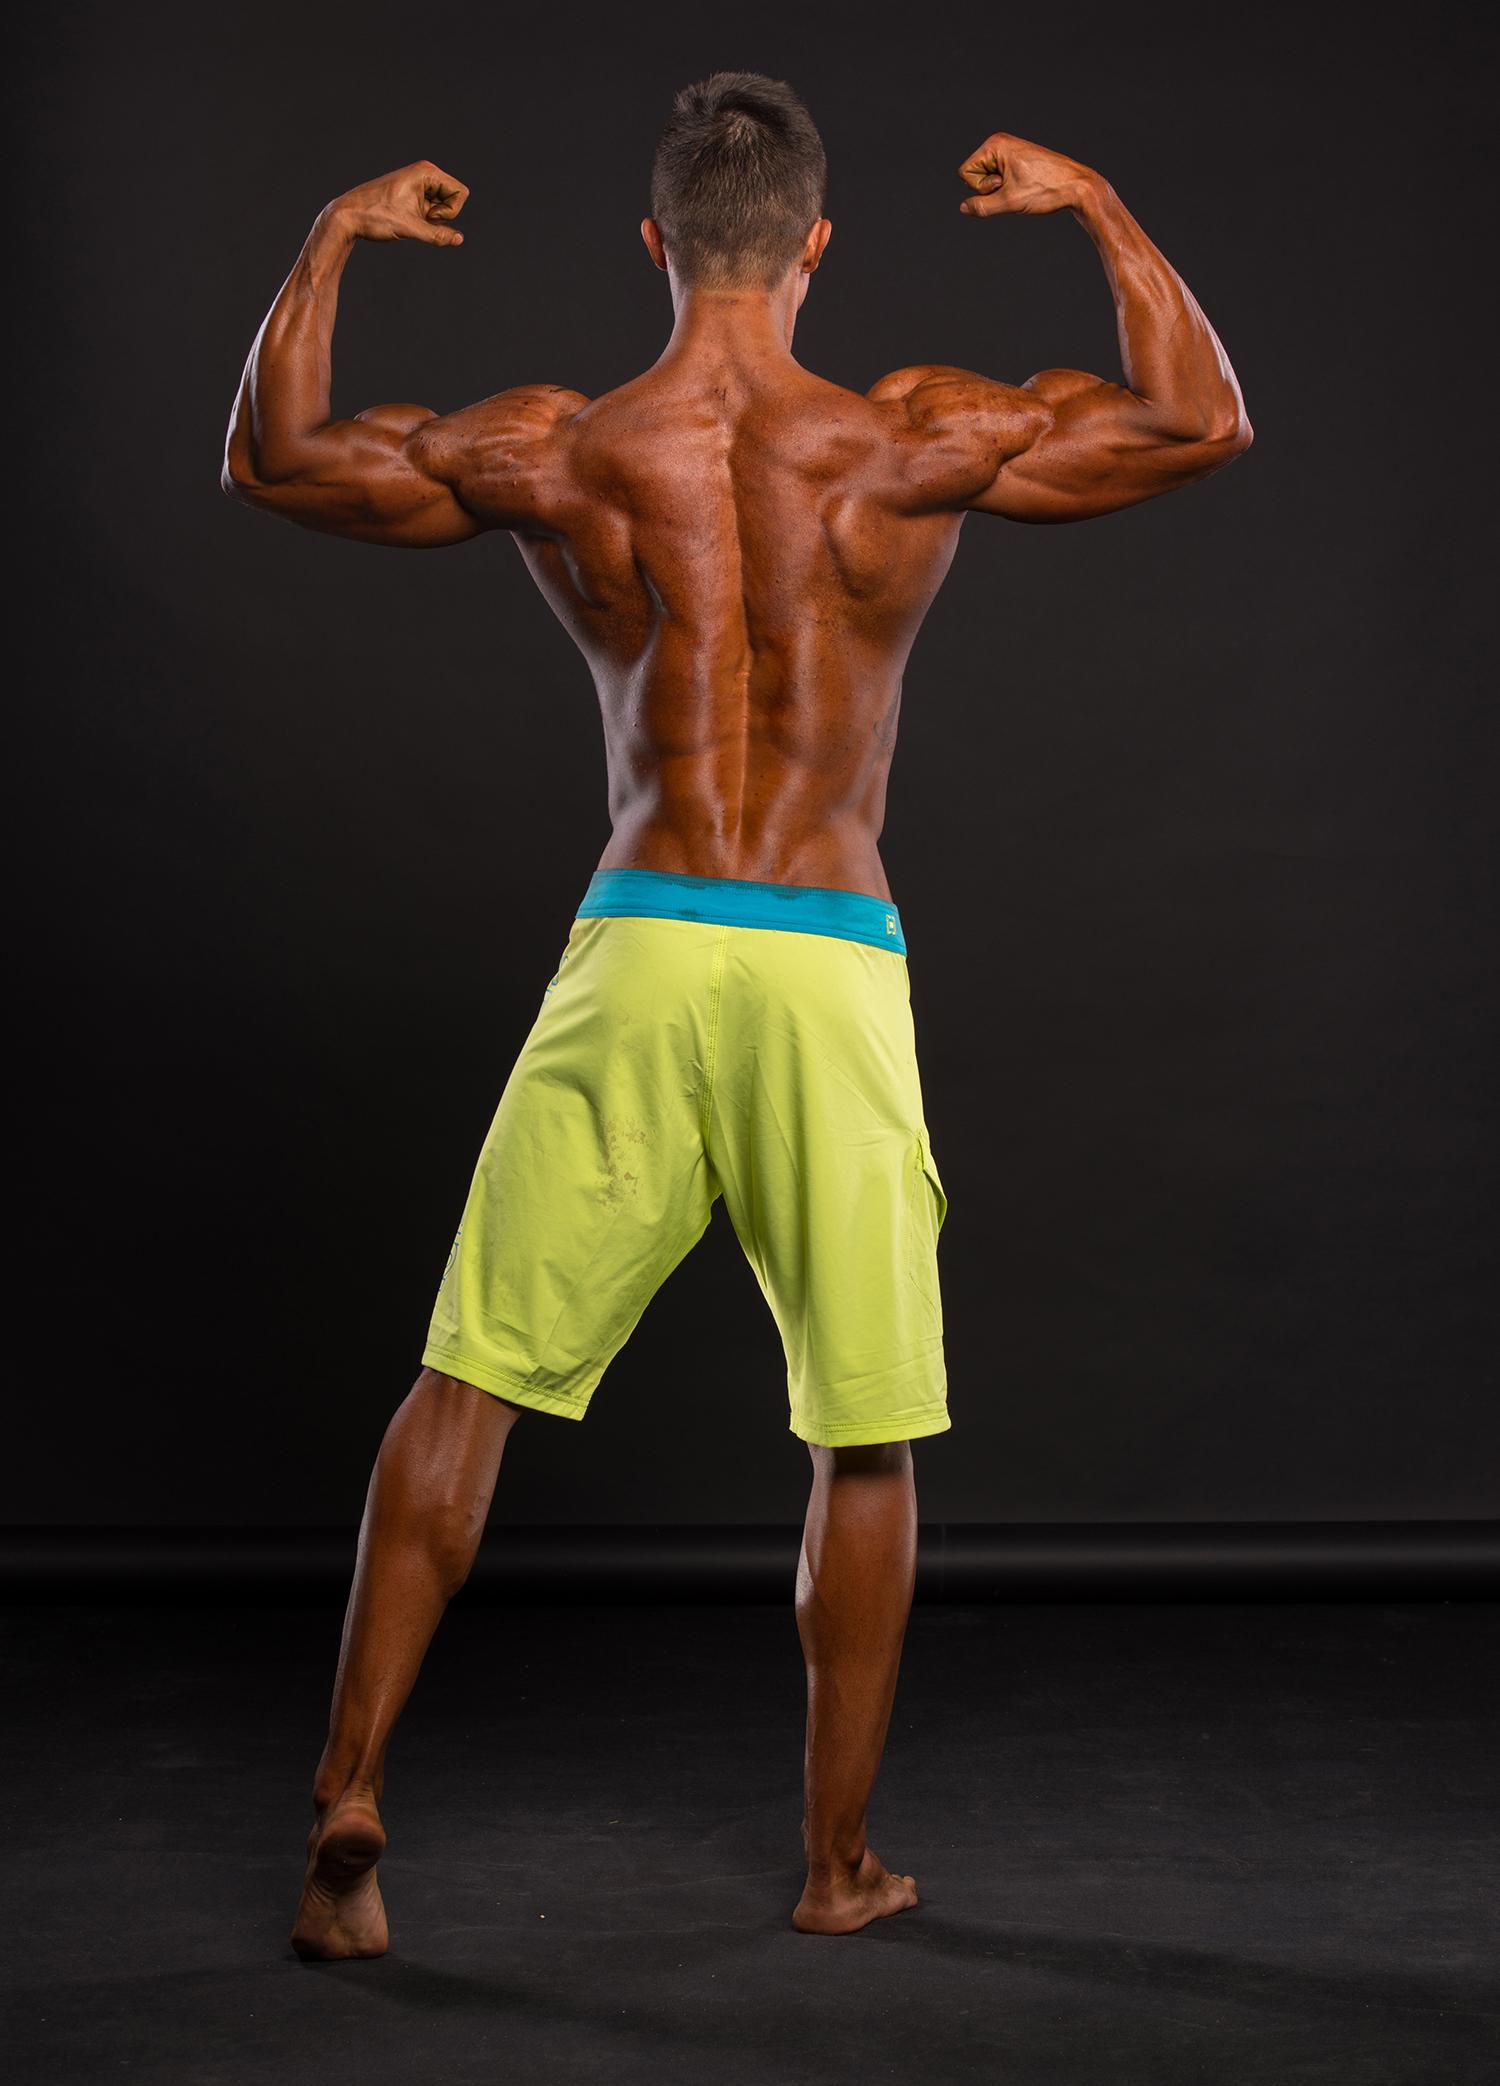 Male Bodybuilder Flexing Back Muscles